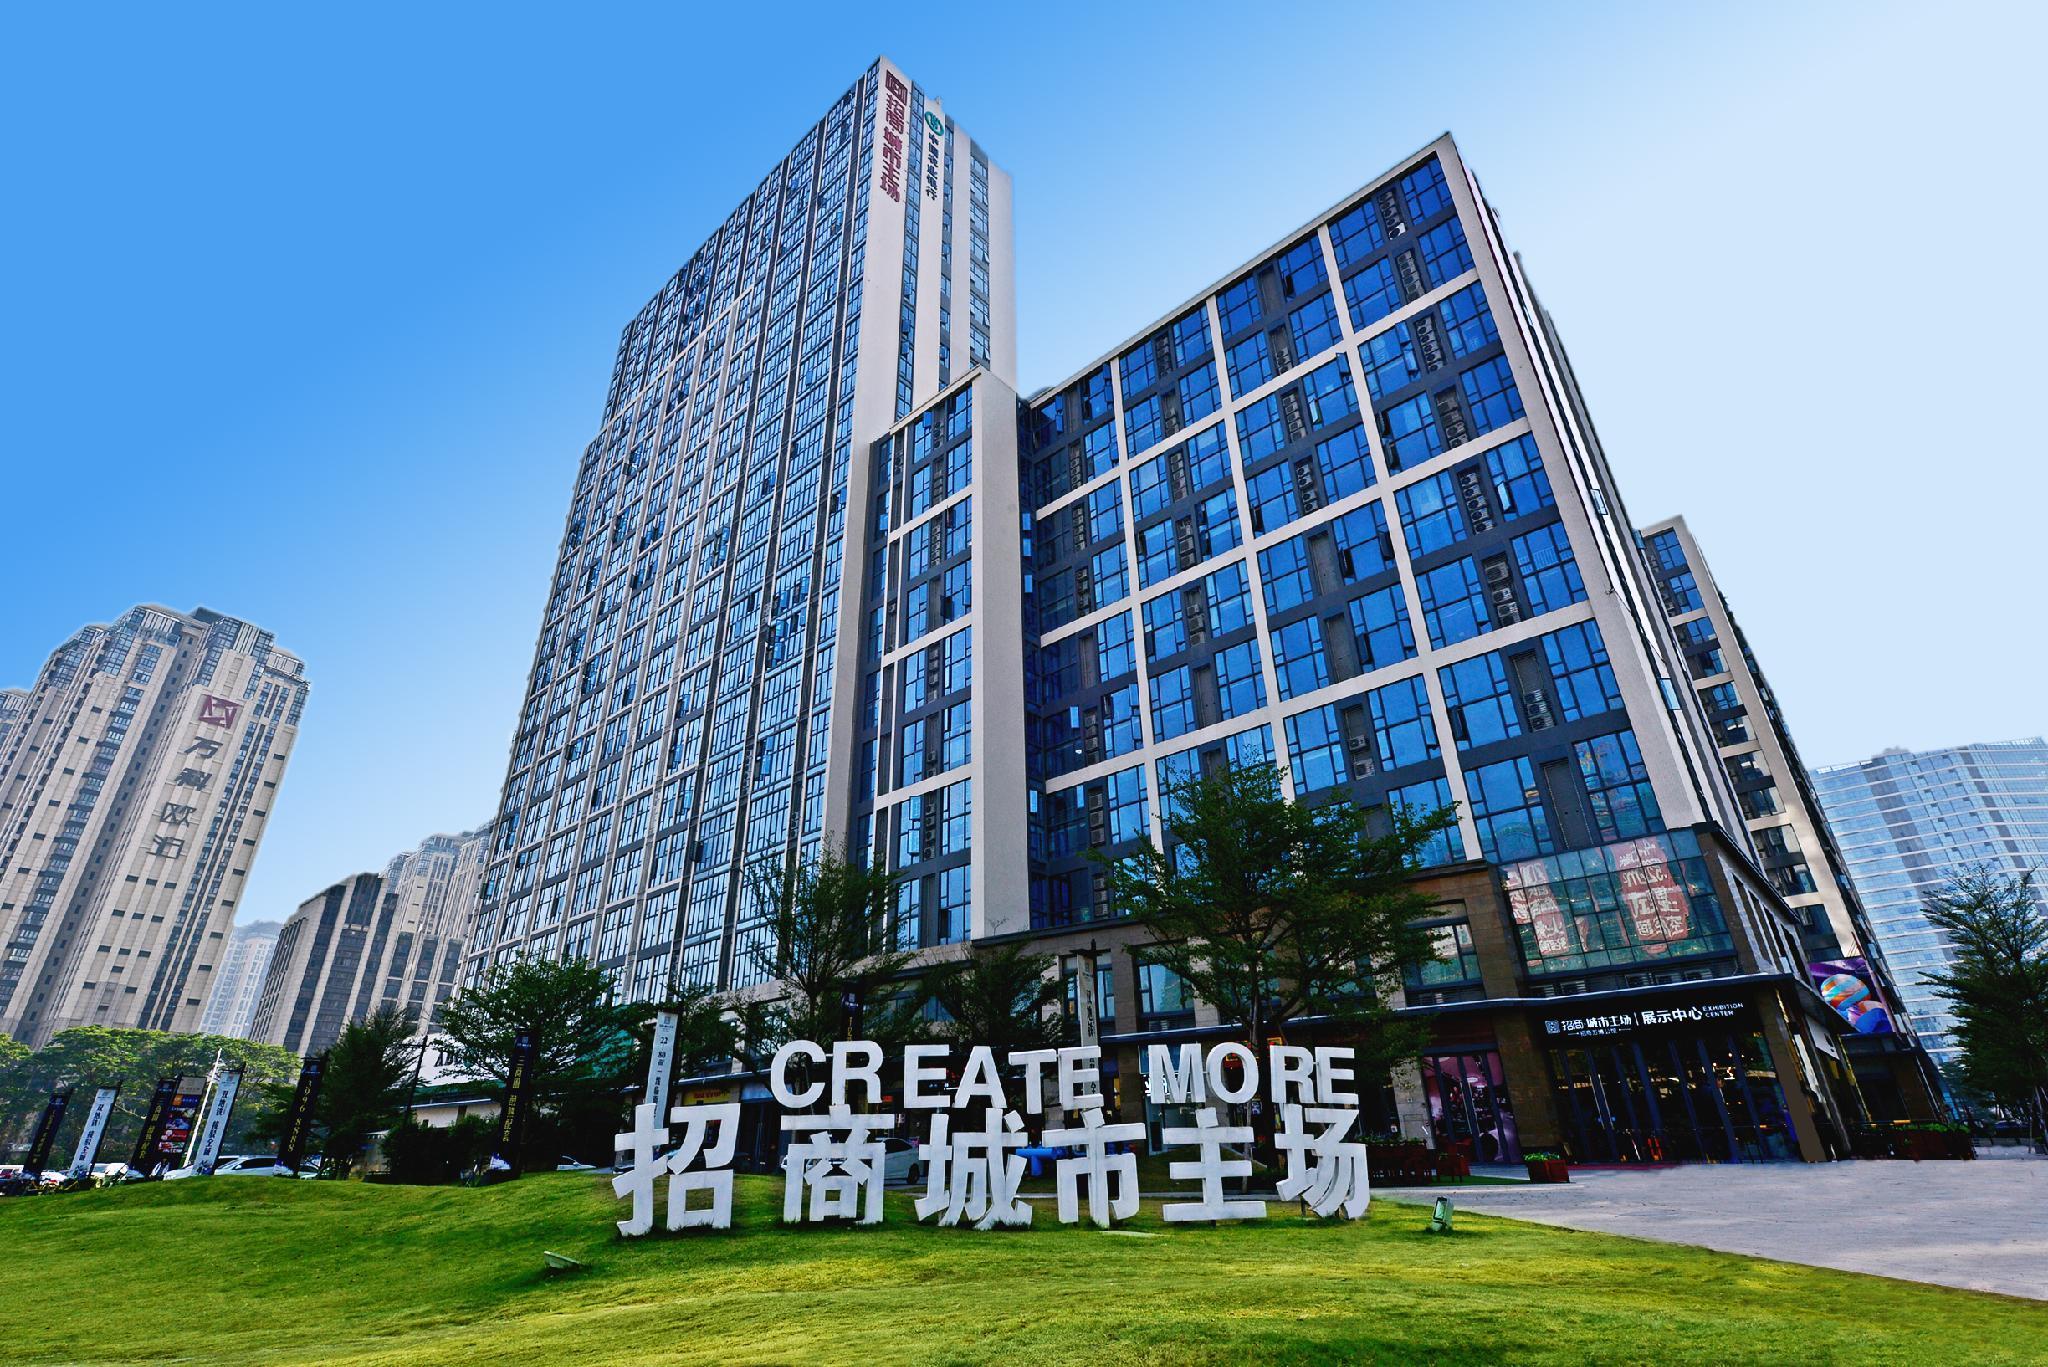 Reviews Guangzhou ChangLong/Wanda CBD 2 bedroom apatrment